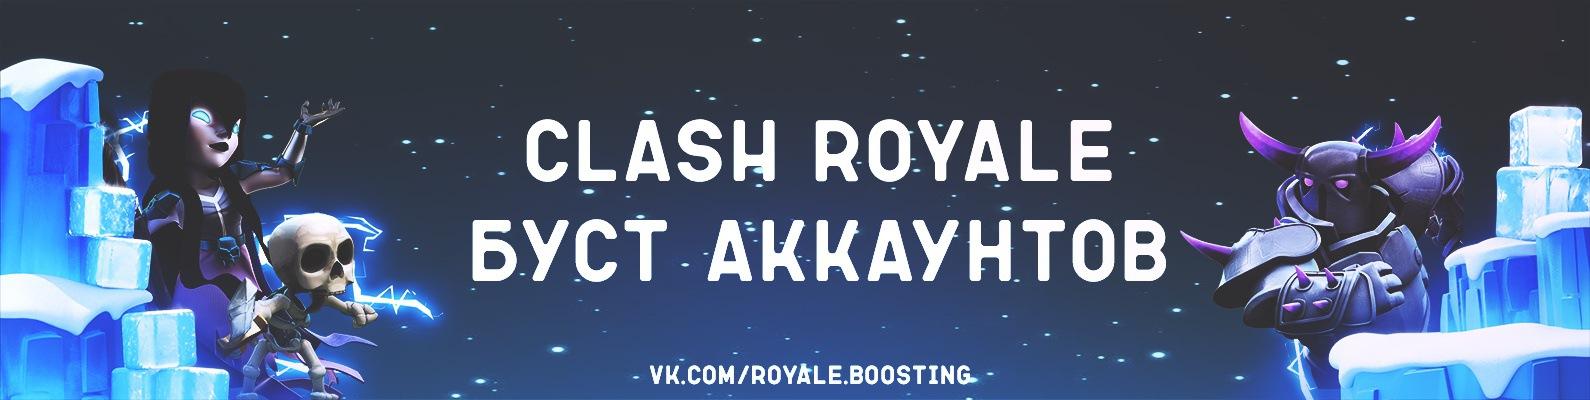 Буст аккаунтов clash royale